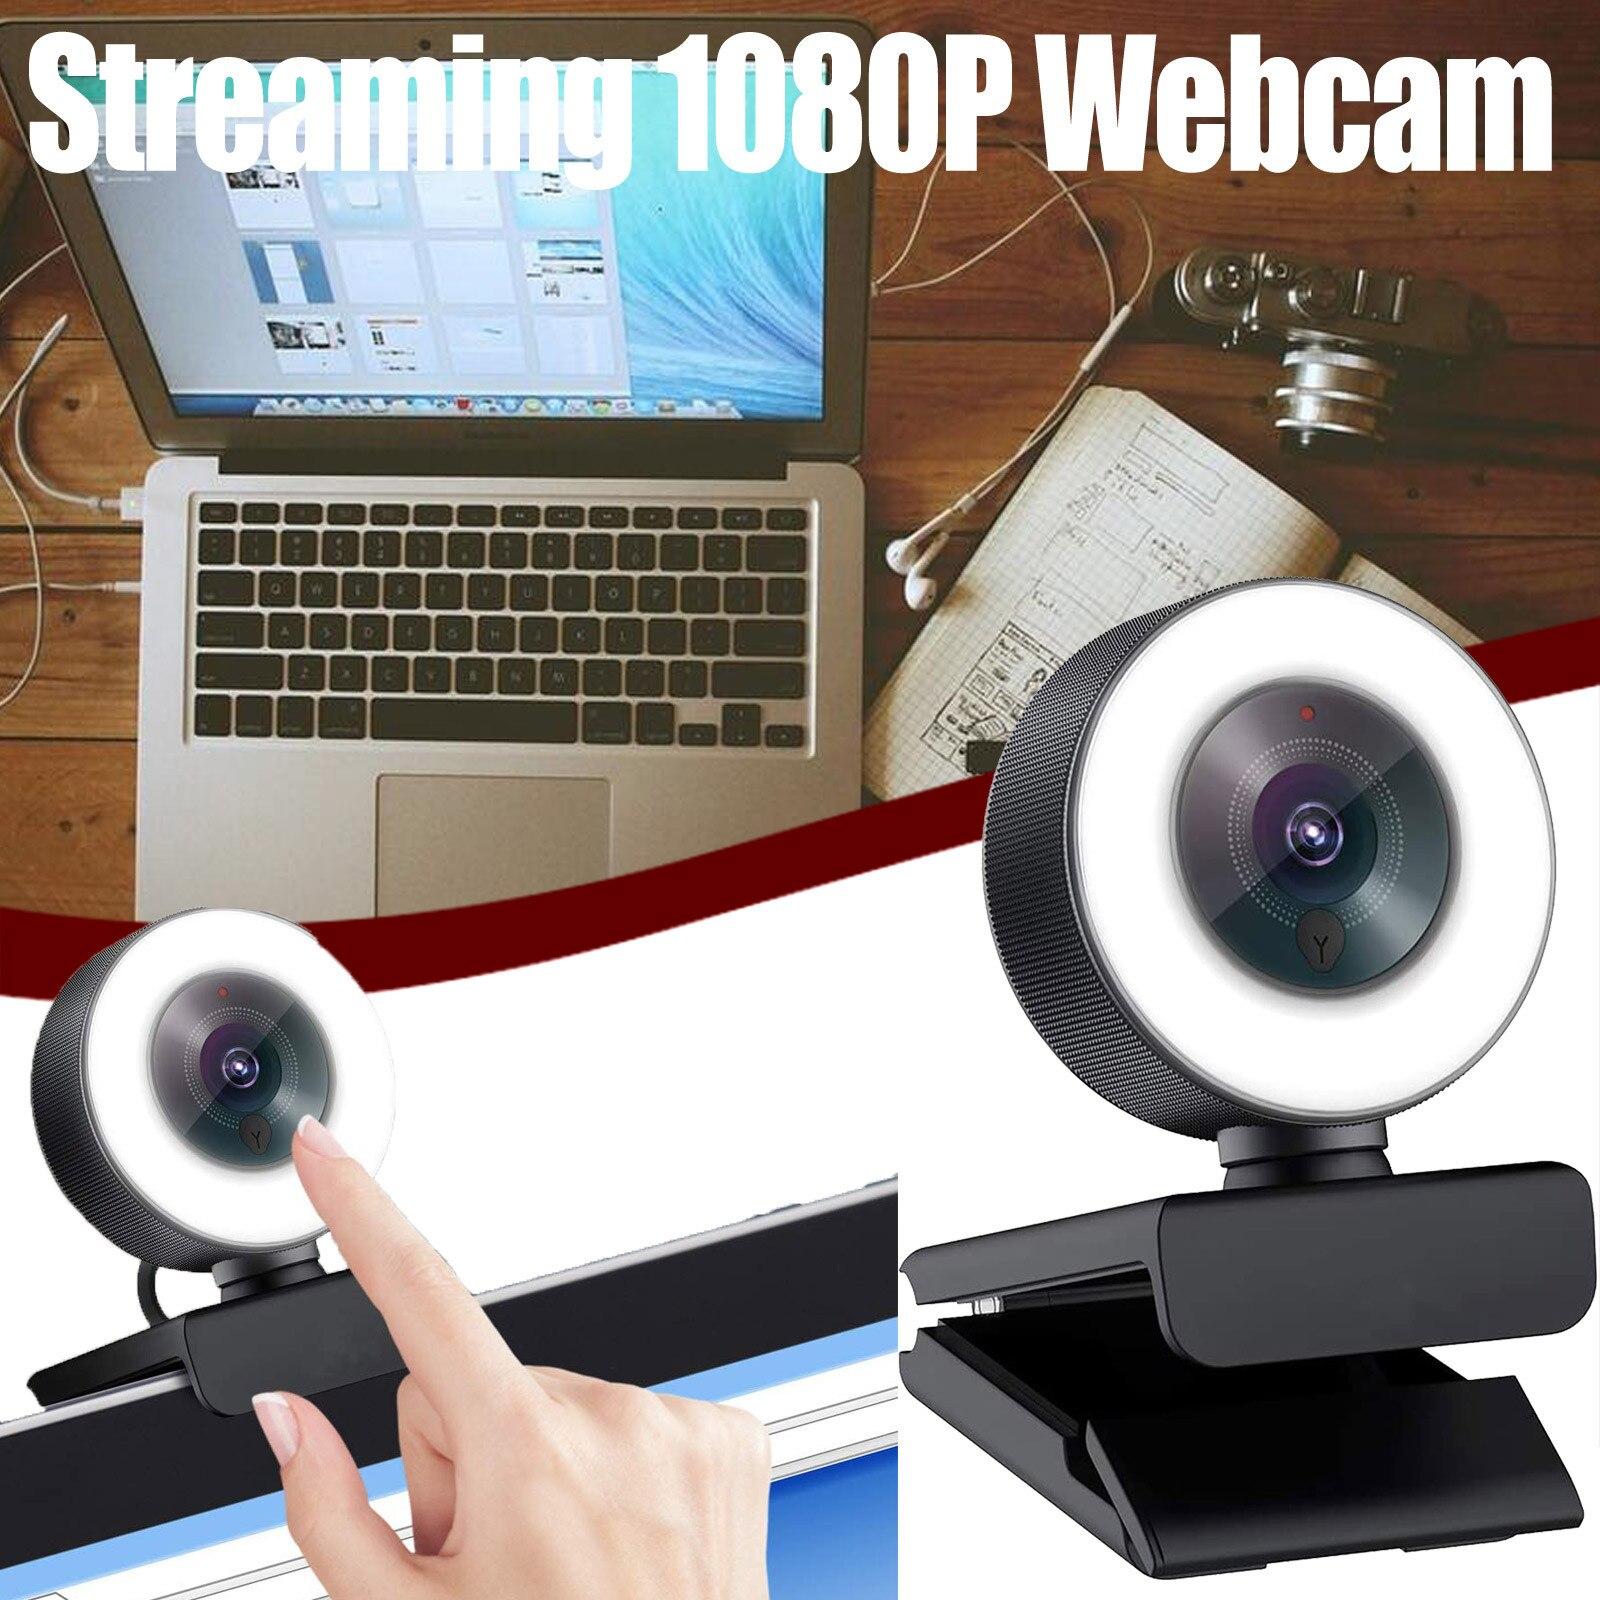 Бесплатная доставка, CARPRIE потоковая веб-камера 1080P, веб-камера с регулируемым кольцесветильник светом/быстрой автофокусировкой, веб-камера